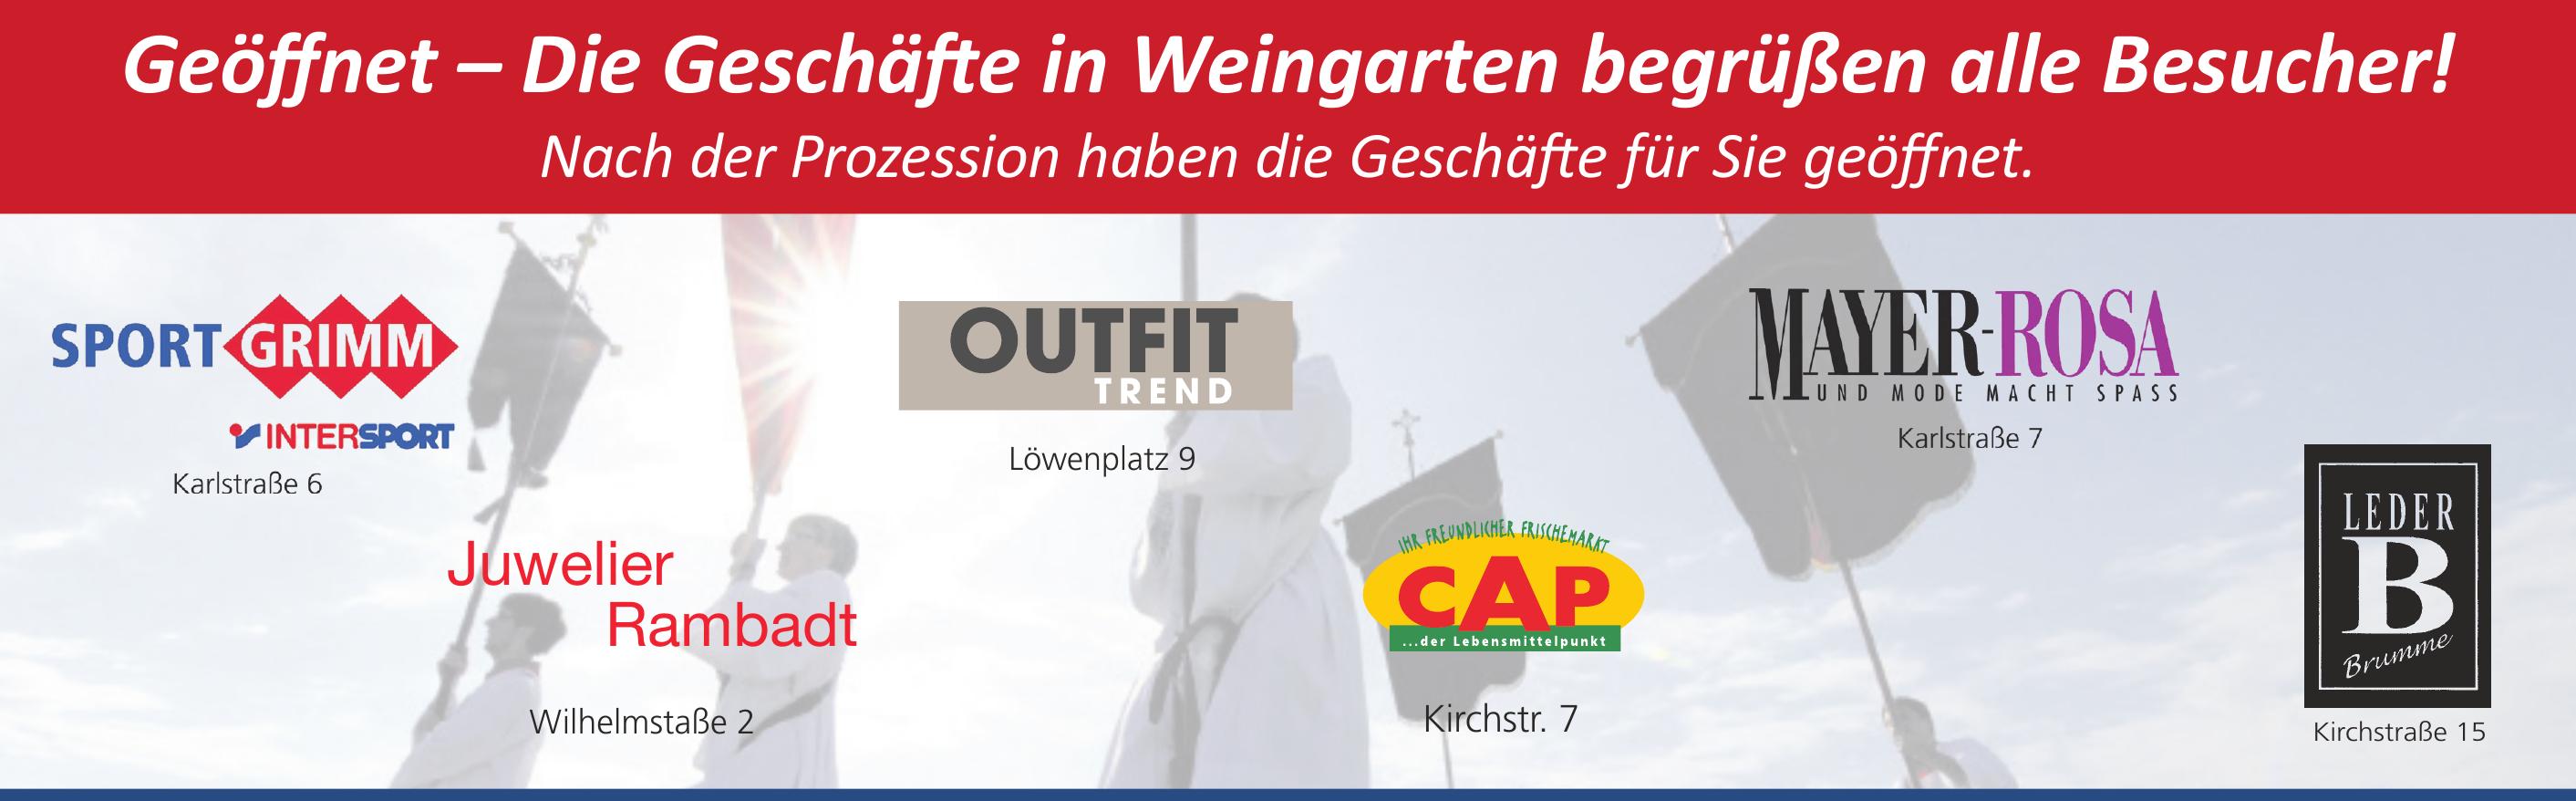 Geöffnet – Die Geschäfte in Weingarten begrüßen alle Besucher!